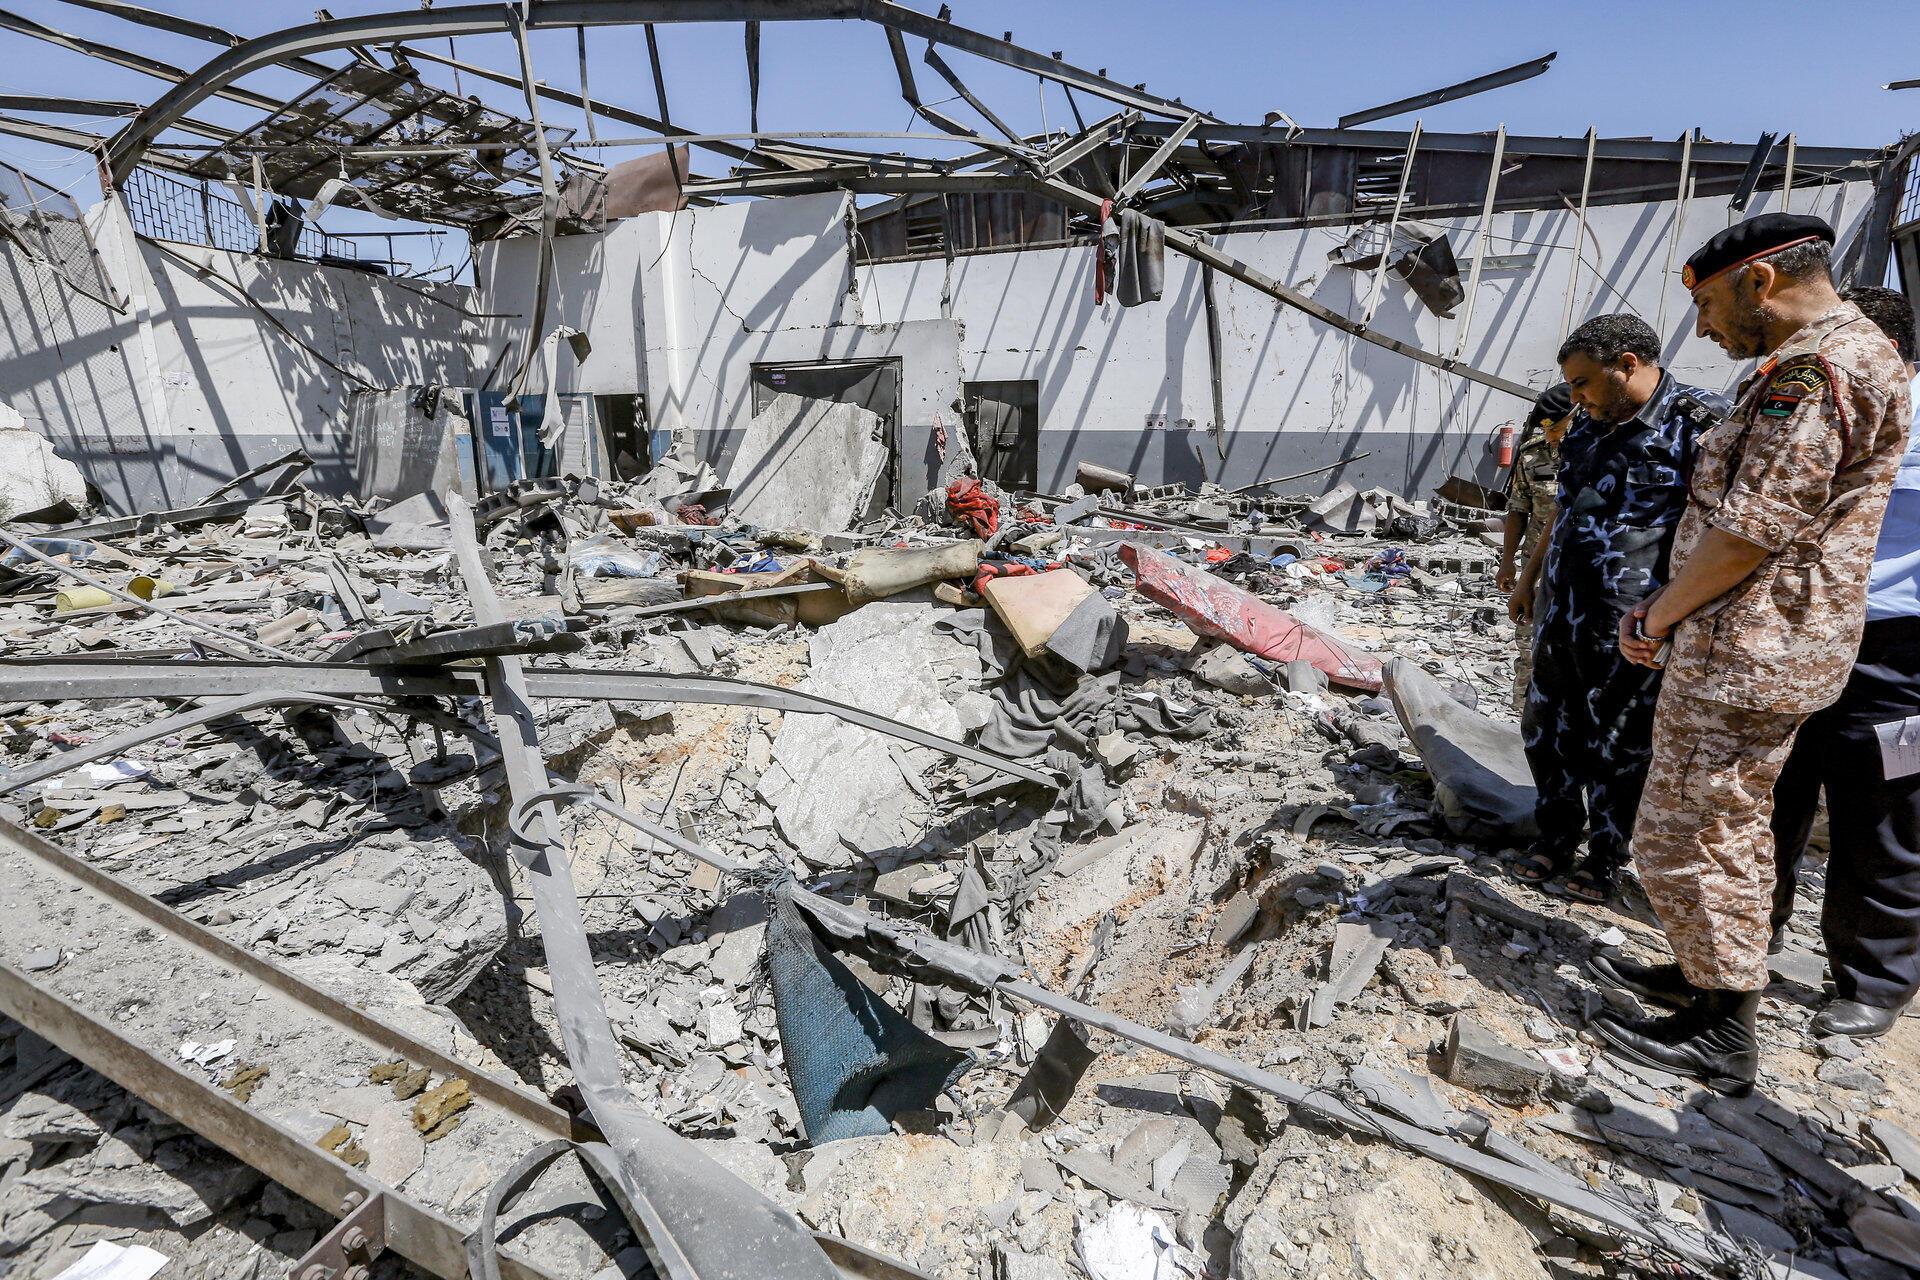 Центр содержания мигрантов в Таджуре после бомбардировки,3 июля 2019